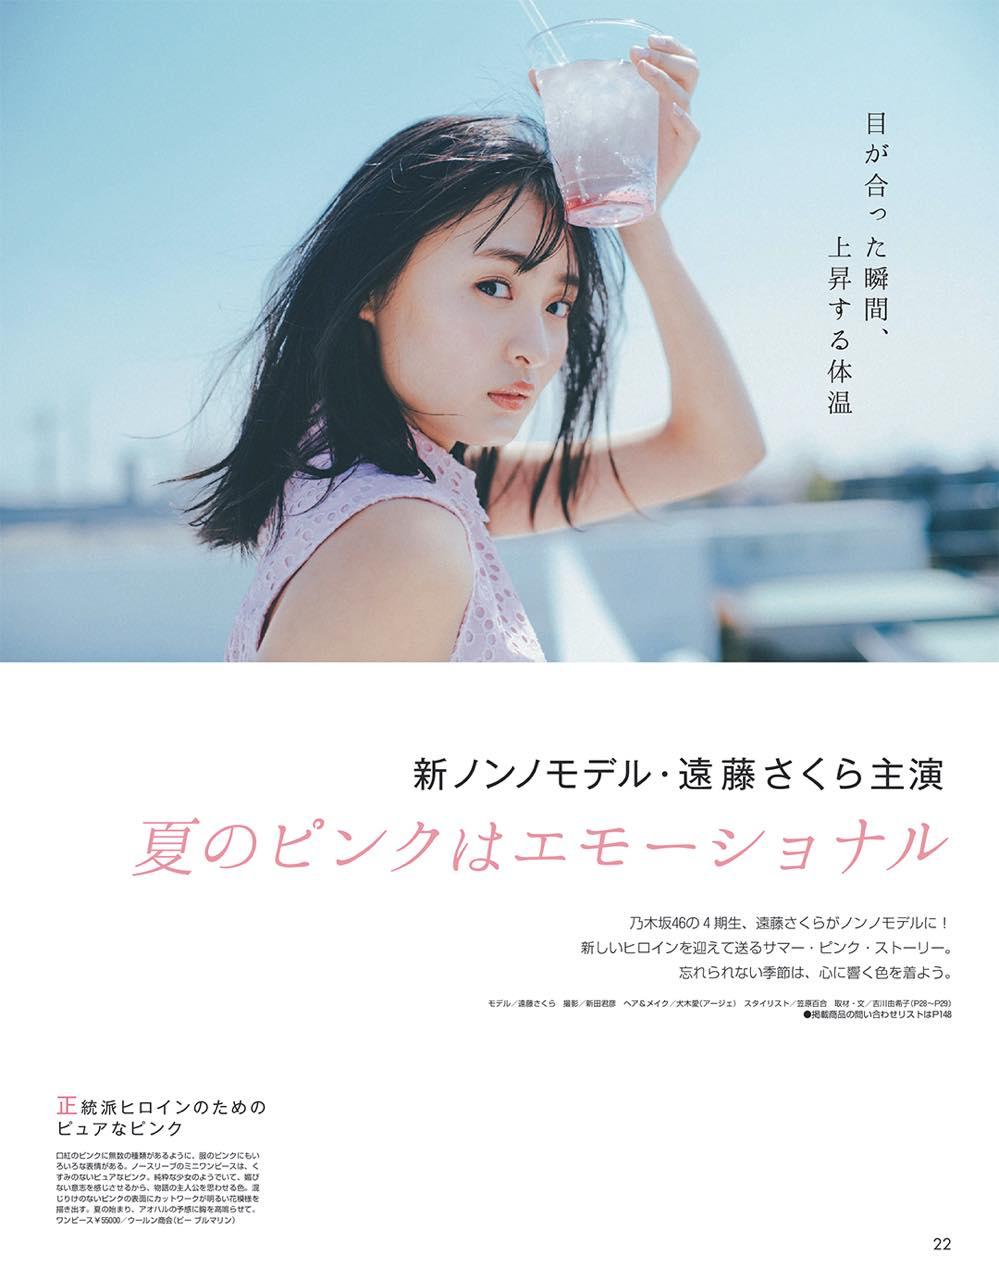 乃木坂46 遠藤さくらが新専属モデルとして登場!「non-no 2020年7・8月合併号」本日5/20発売!